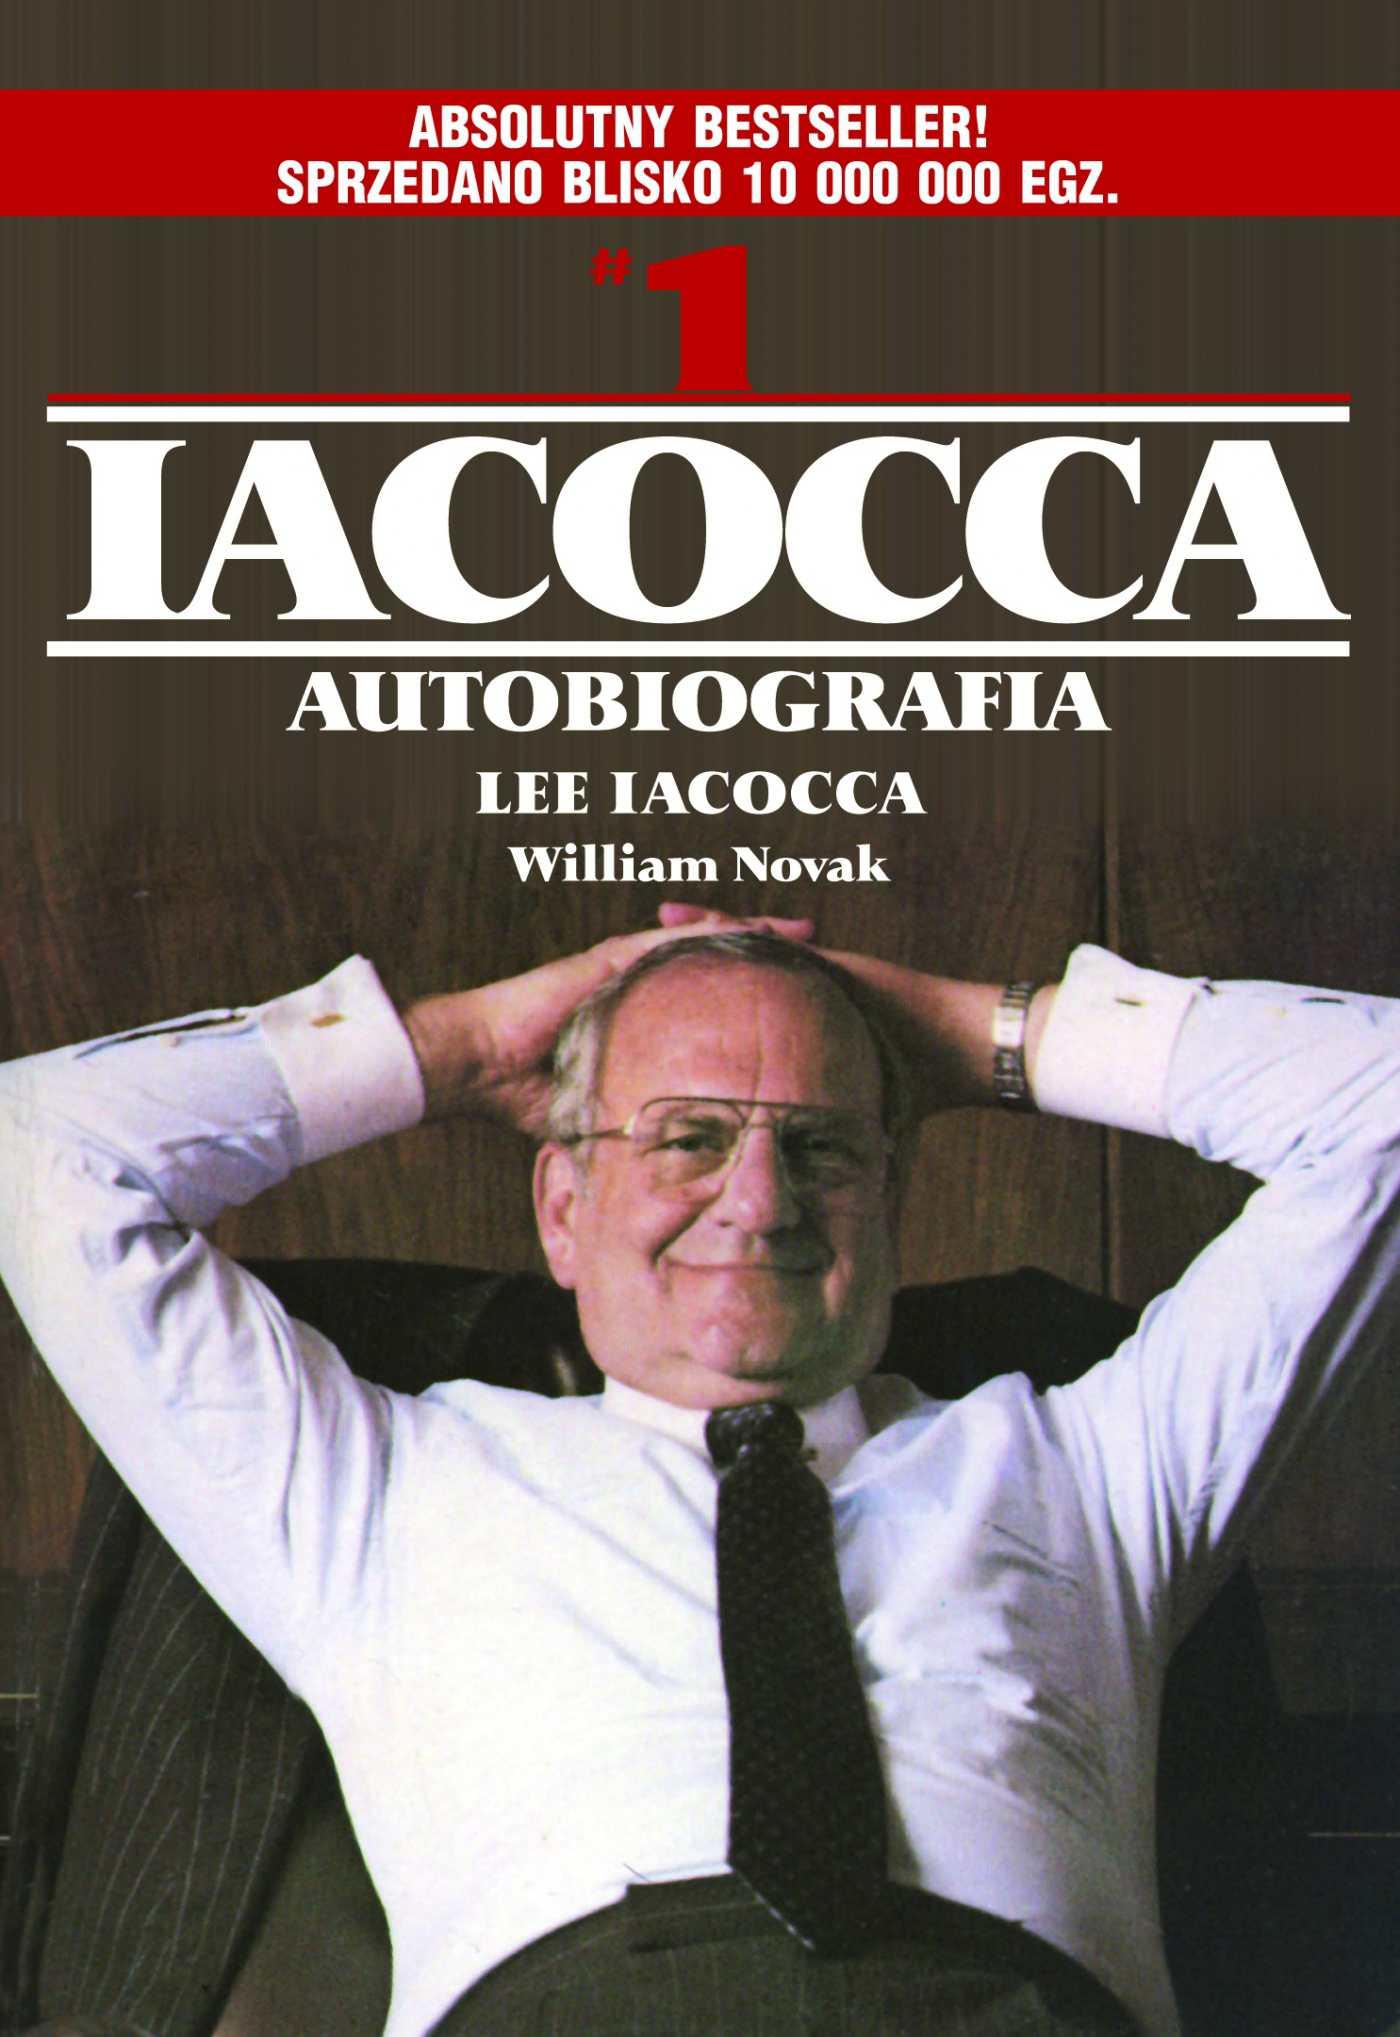 IACOCCA Autobiografia - Ebook (Książka EPUB) do pobrania w formacie EPUB